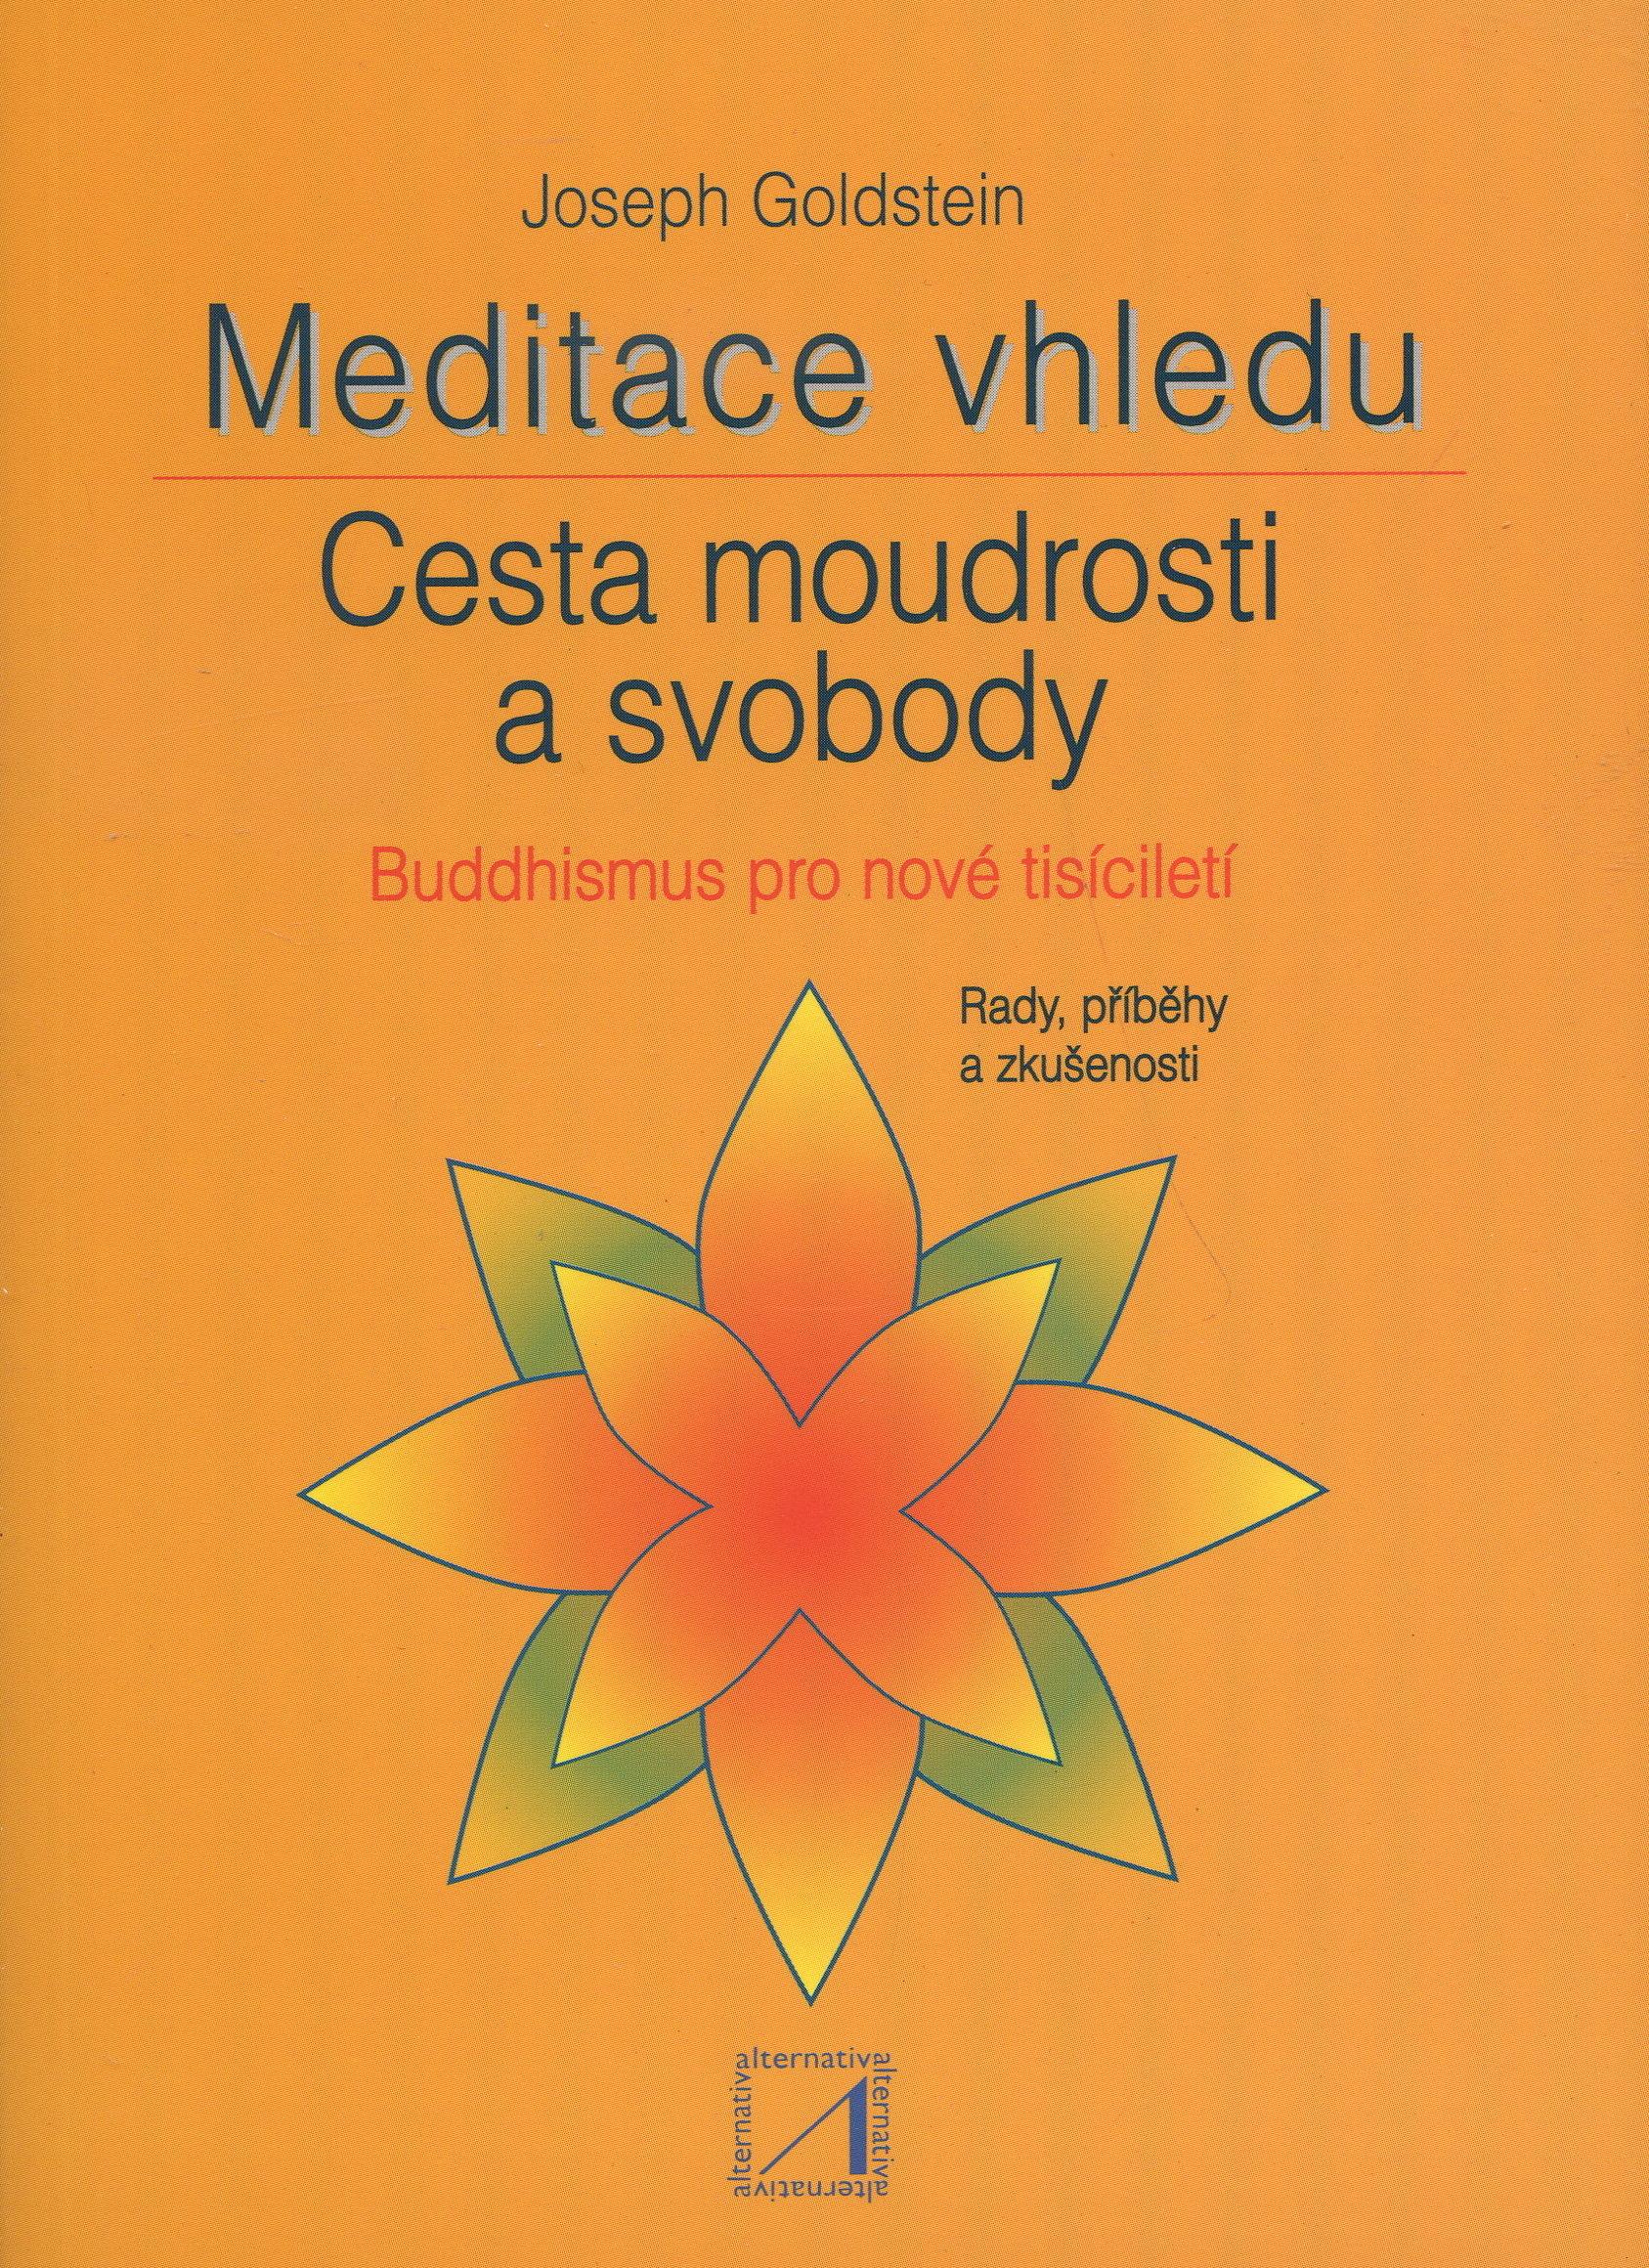 Meditace vhledu - cesta moudrosti a svobody